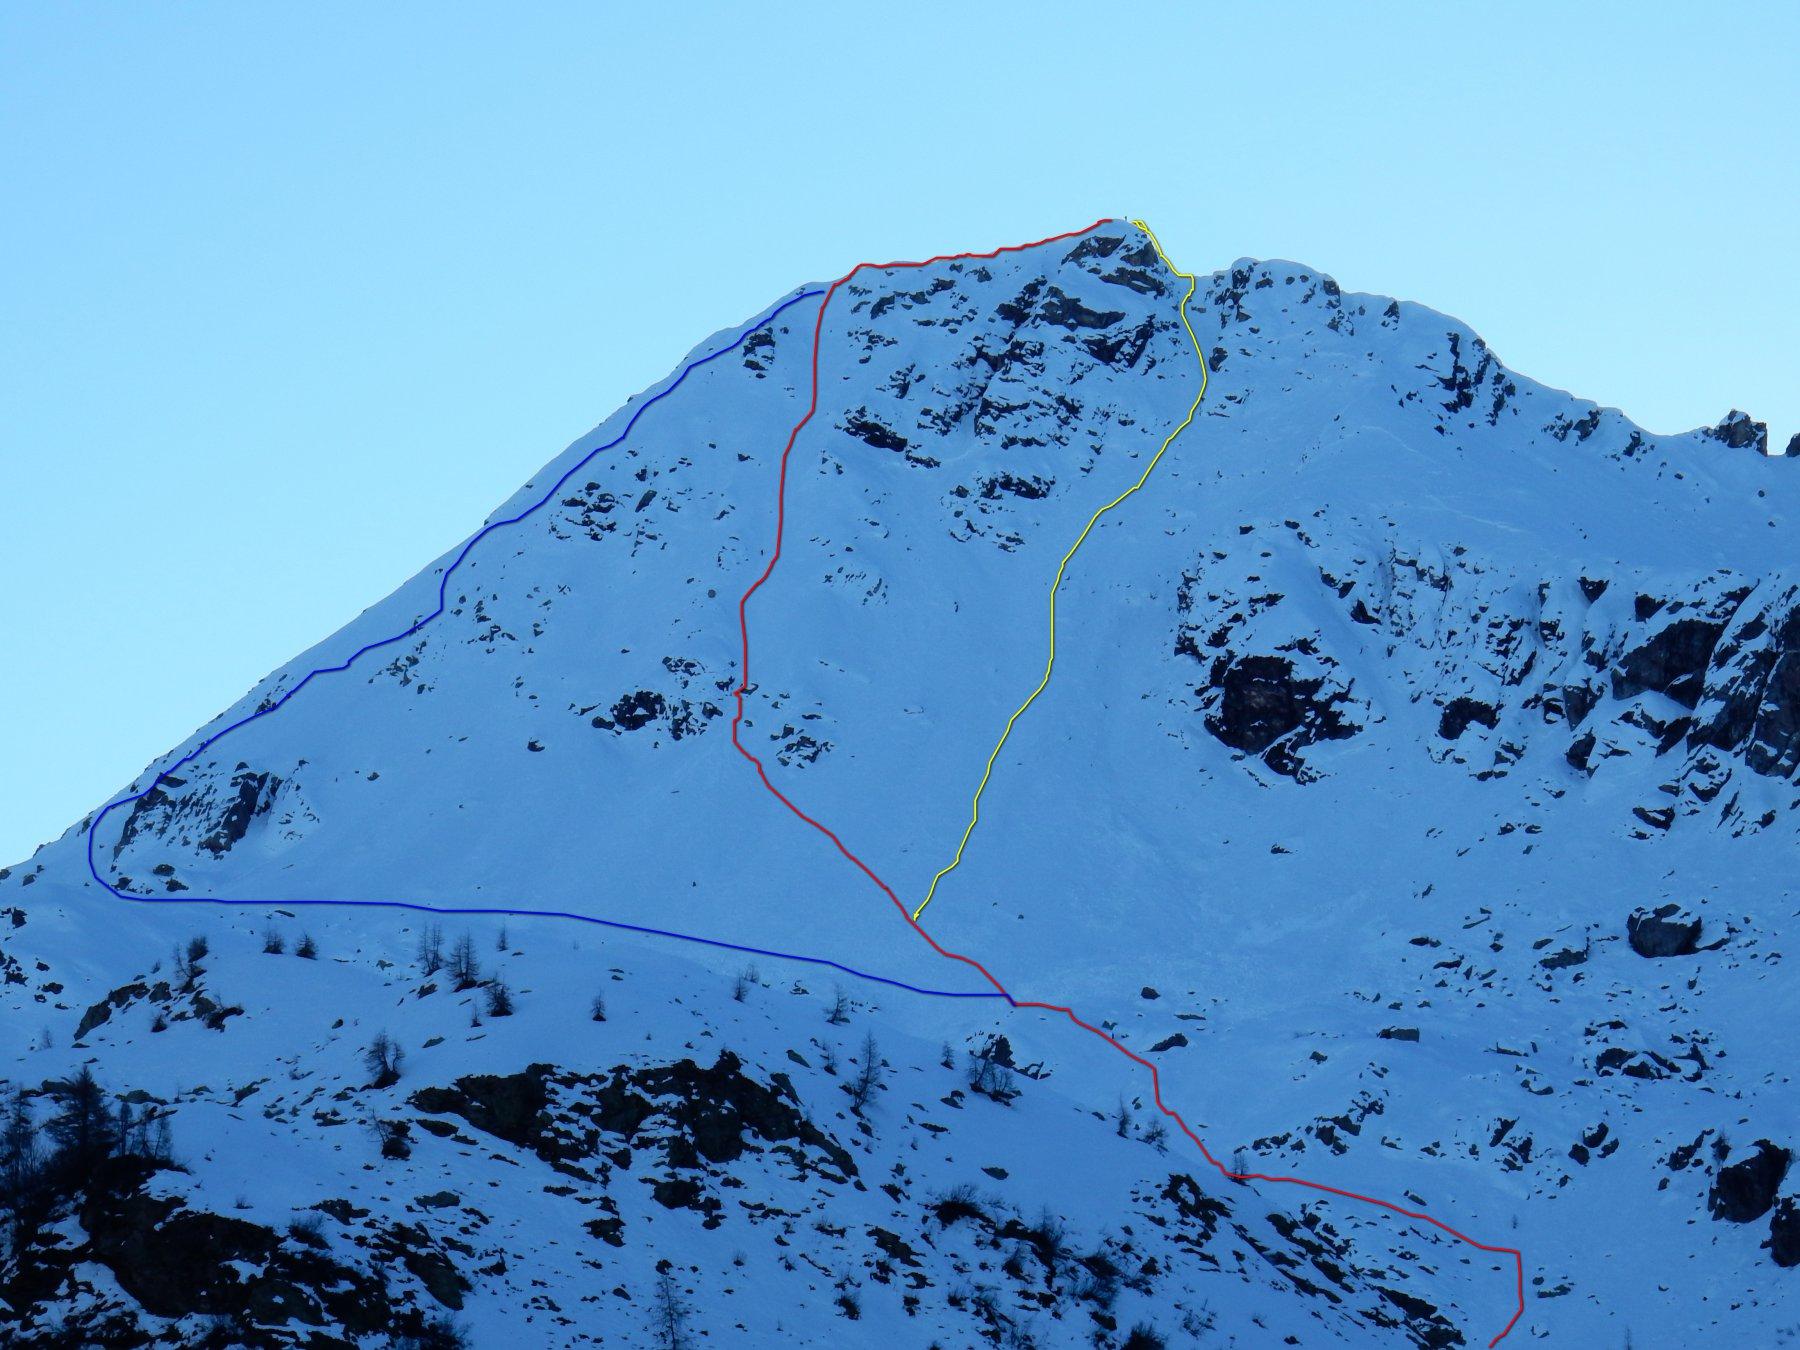 In blu la via normale di salita.In rosso il canale -rigola di salita.In giallo quello di discesa.